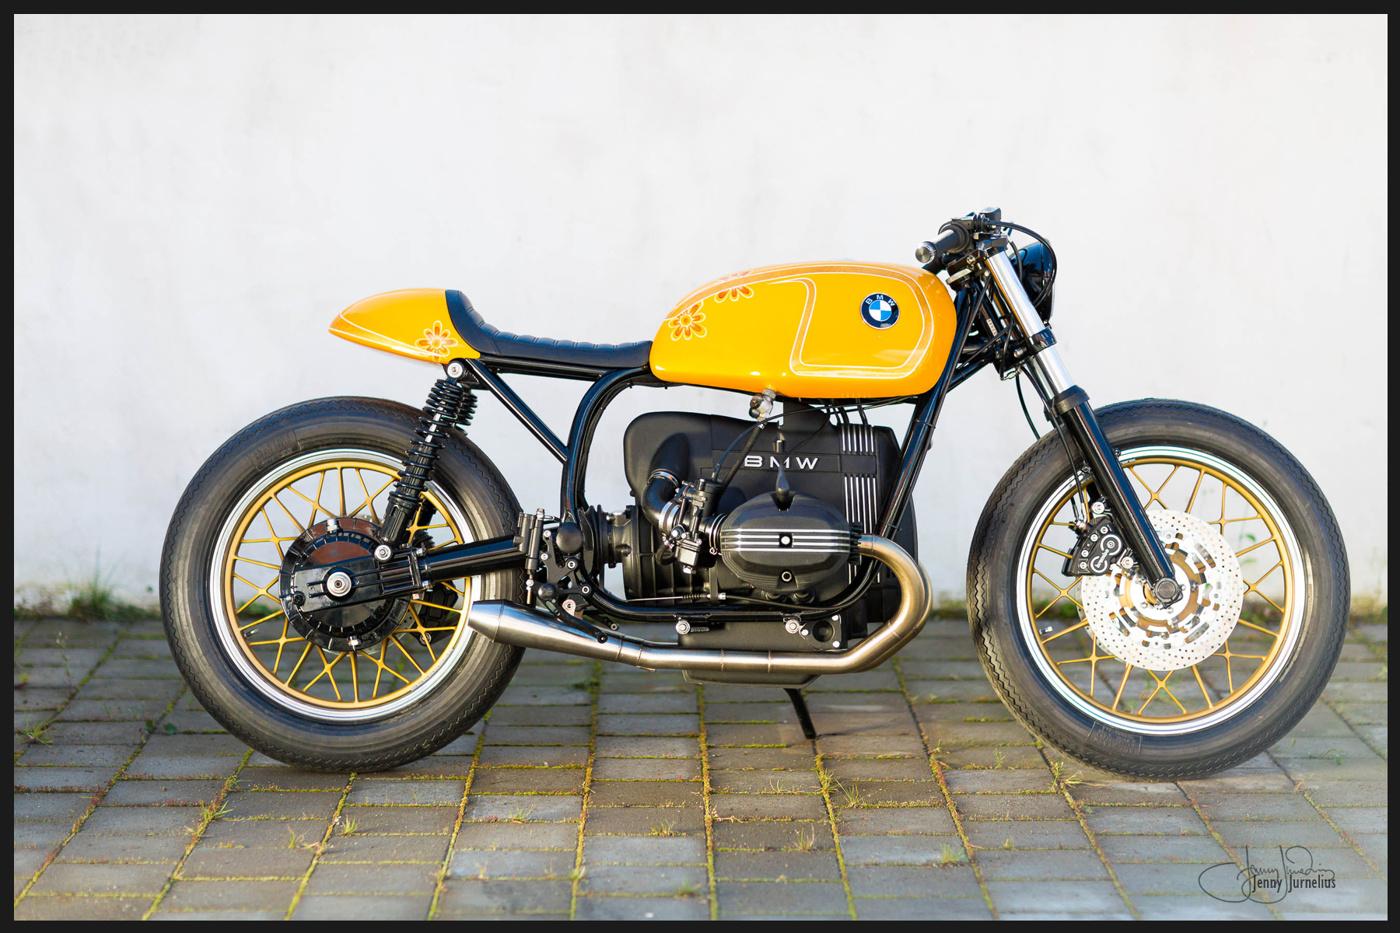 C'est ici qu'on met les bien molles....BMW Café Racer - Page 5 19725496-0V5sw.jpg?name=20150911-IMG_7581